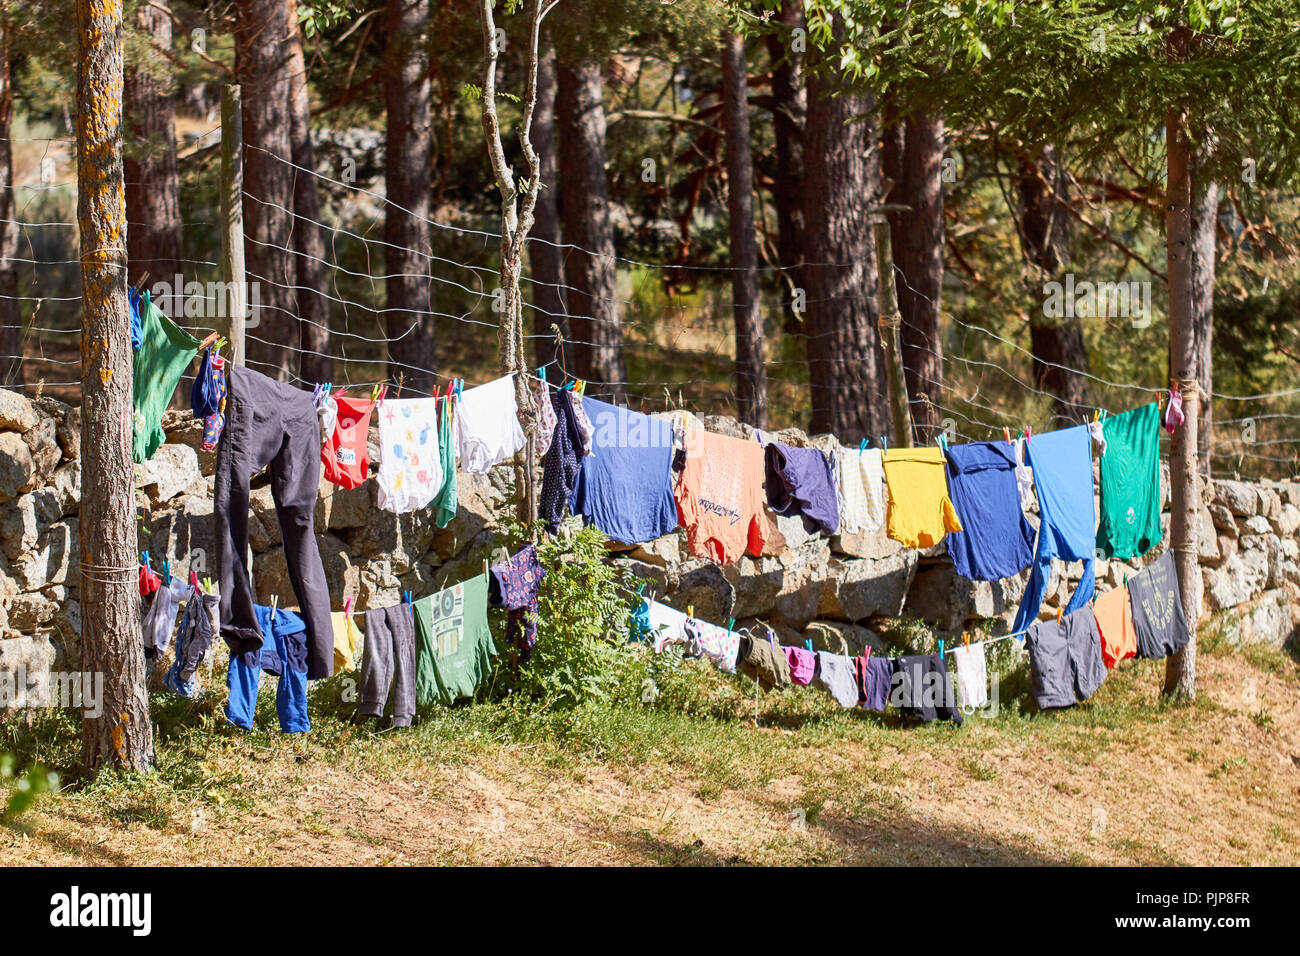 Vêtements en ligne dans un camping Photo Stock